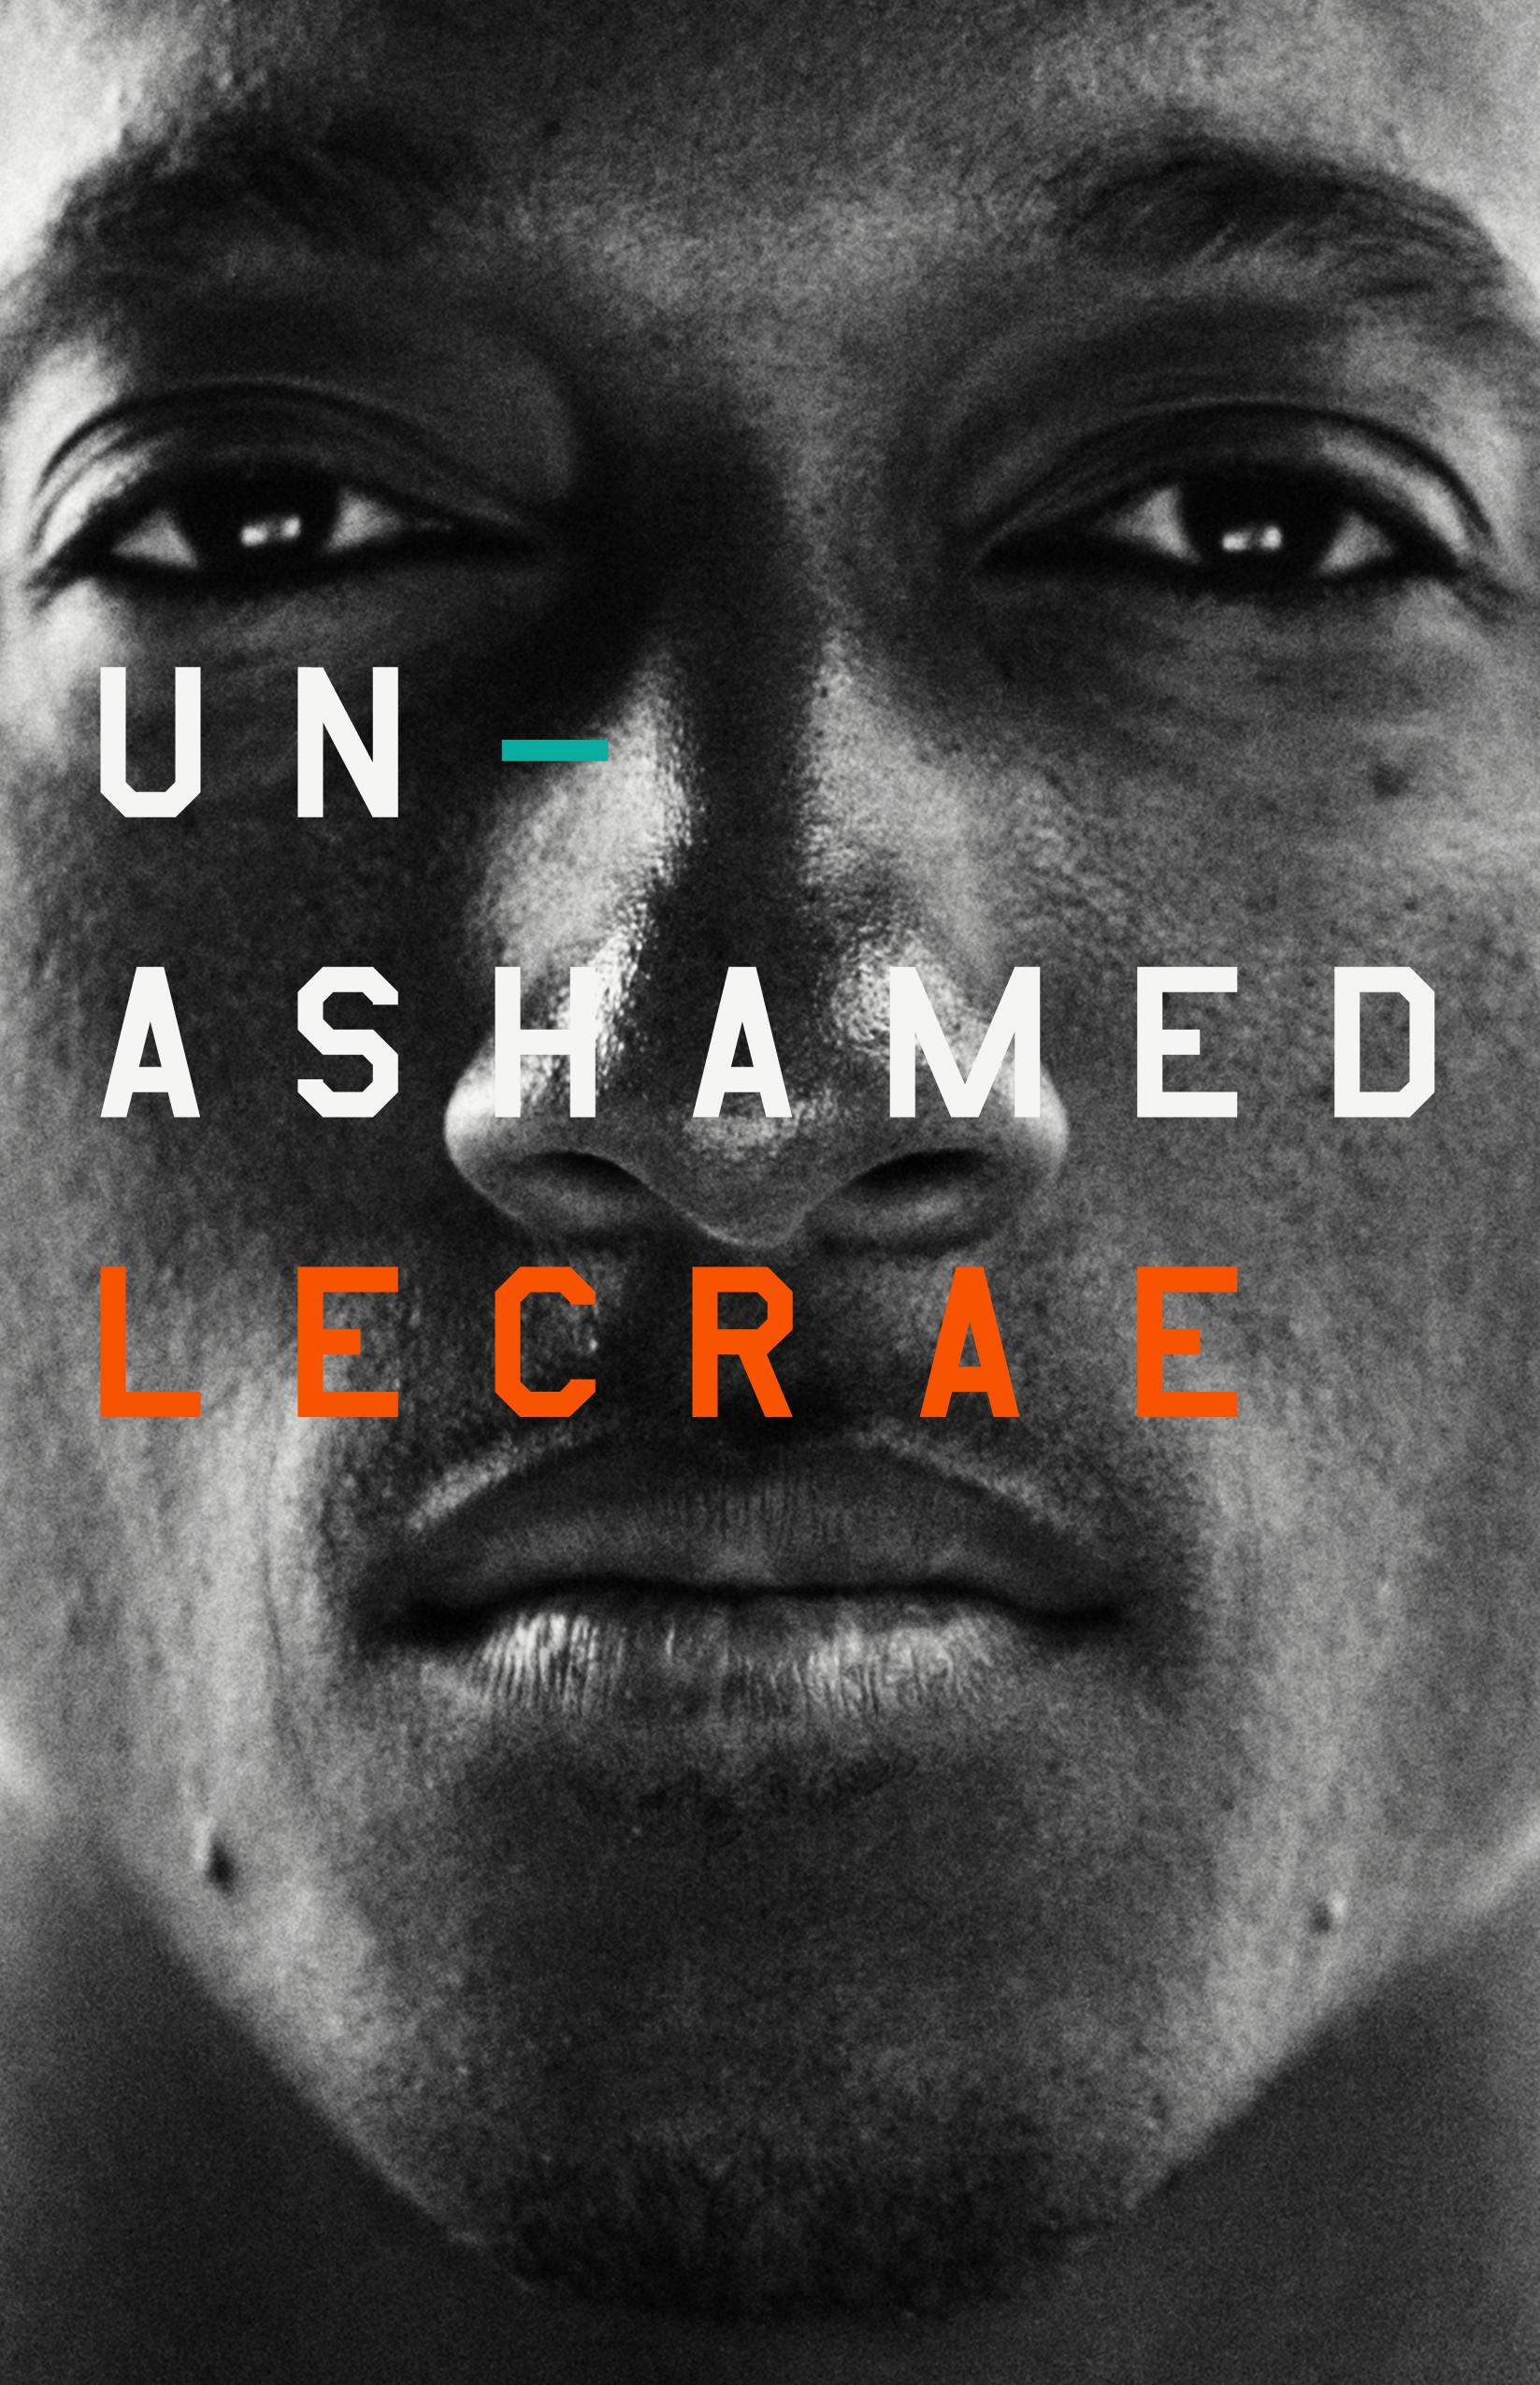 Unashamed Lecrae Moore